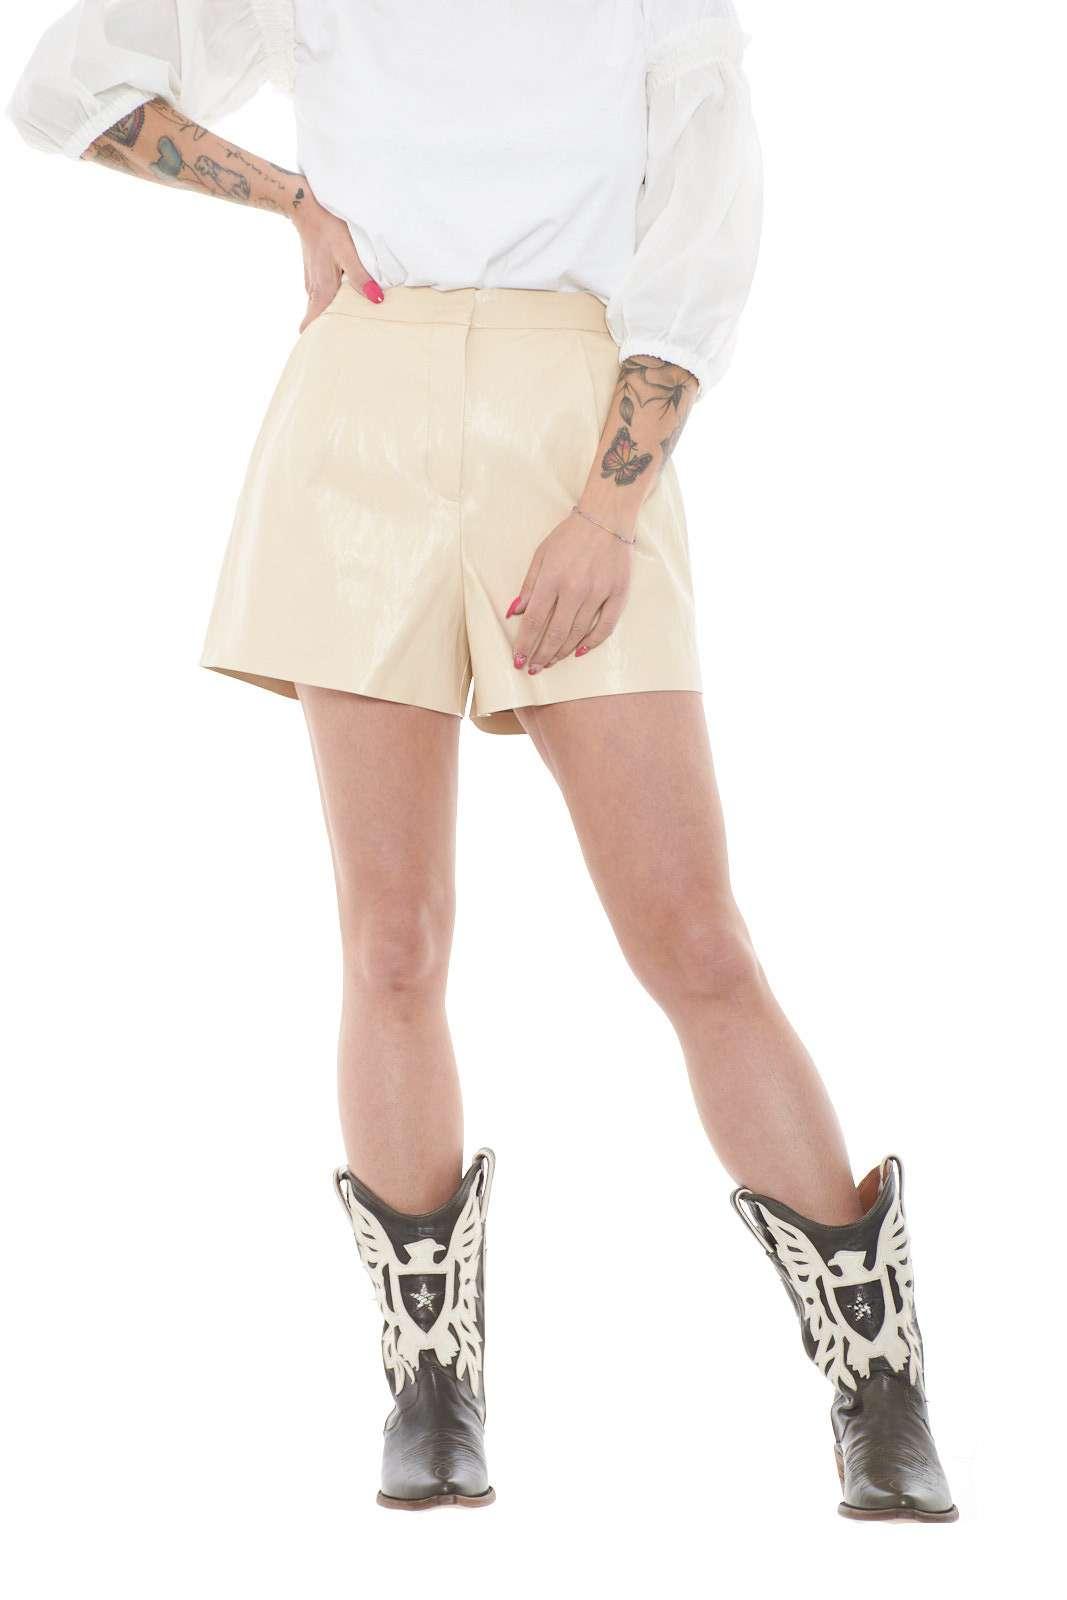 Uno shorts in similpelle il Puro 1 proposto dalla collezione donna Pinko. Adatto per i party più casual e per le occasioni più glamour unisce stile e femminilità. Le pinces sul davanti e la vita alta lo rendono unico e permettono di abbinarlo sia con top che bluse, un vero evergreen.